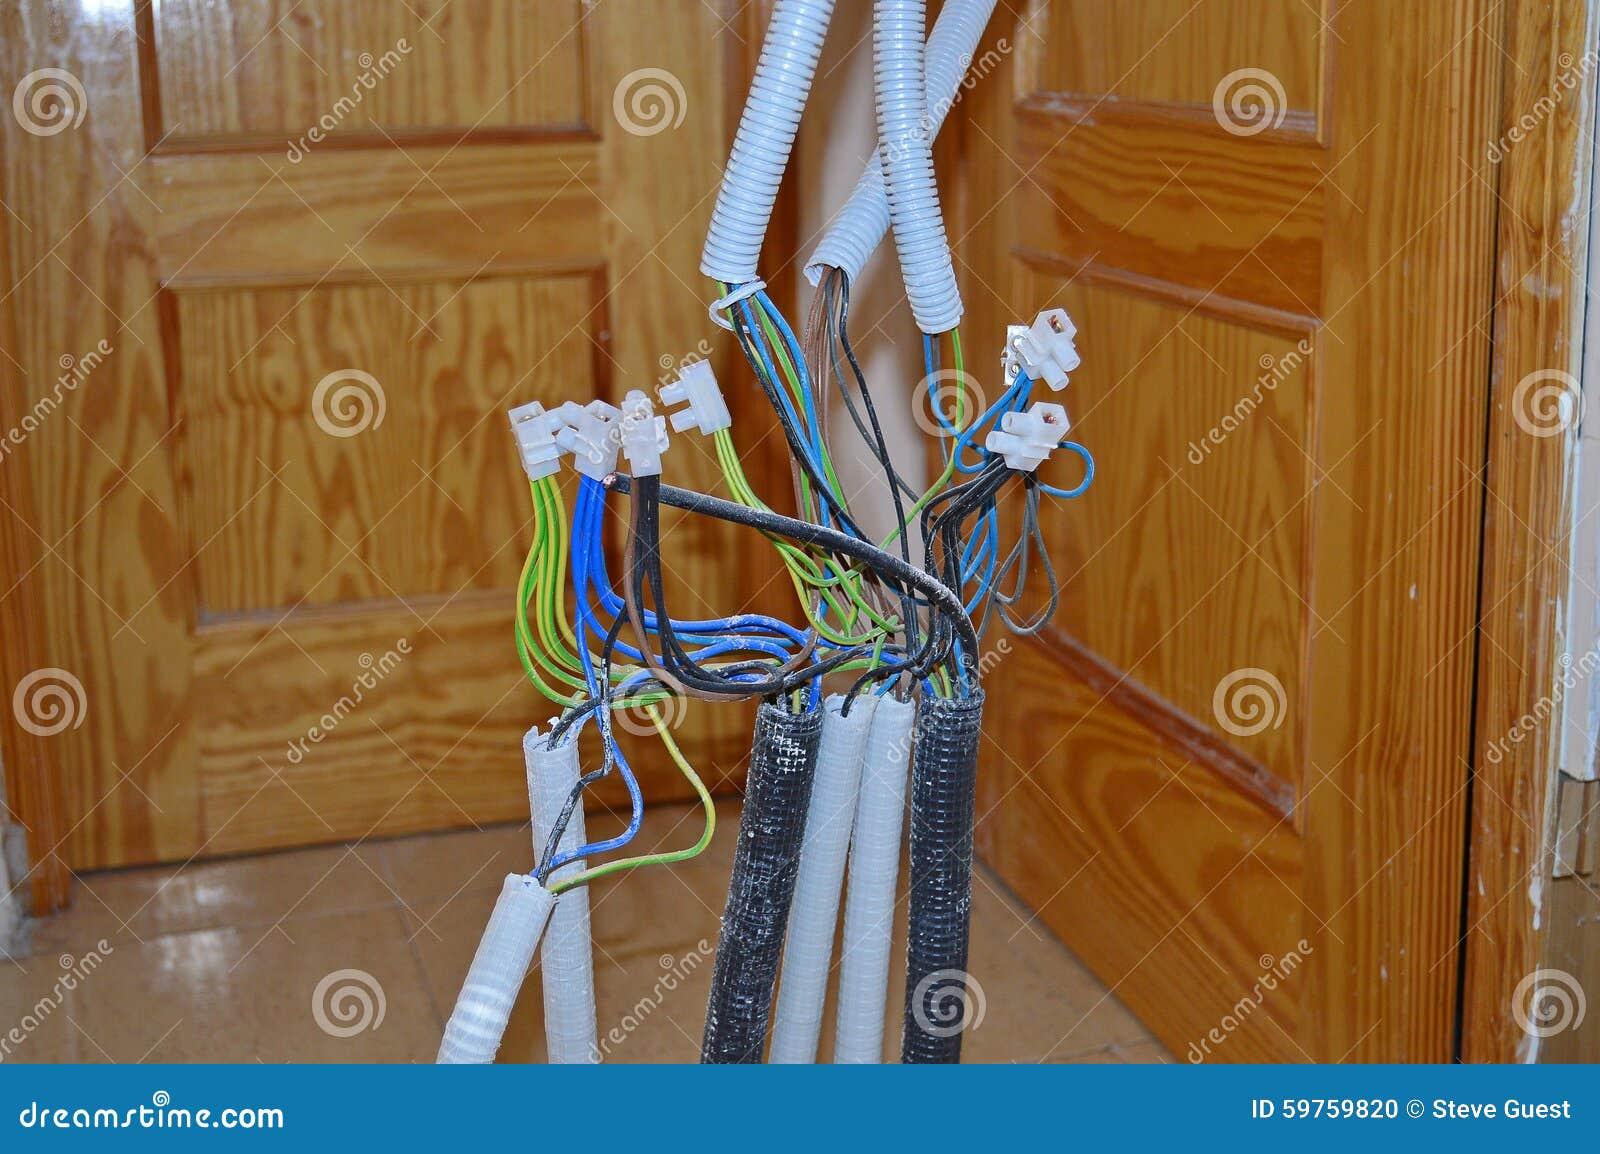 Haus-Verdrahtung stockfoto. Bild von drähte, elektriker - 59759820